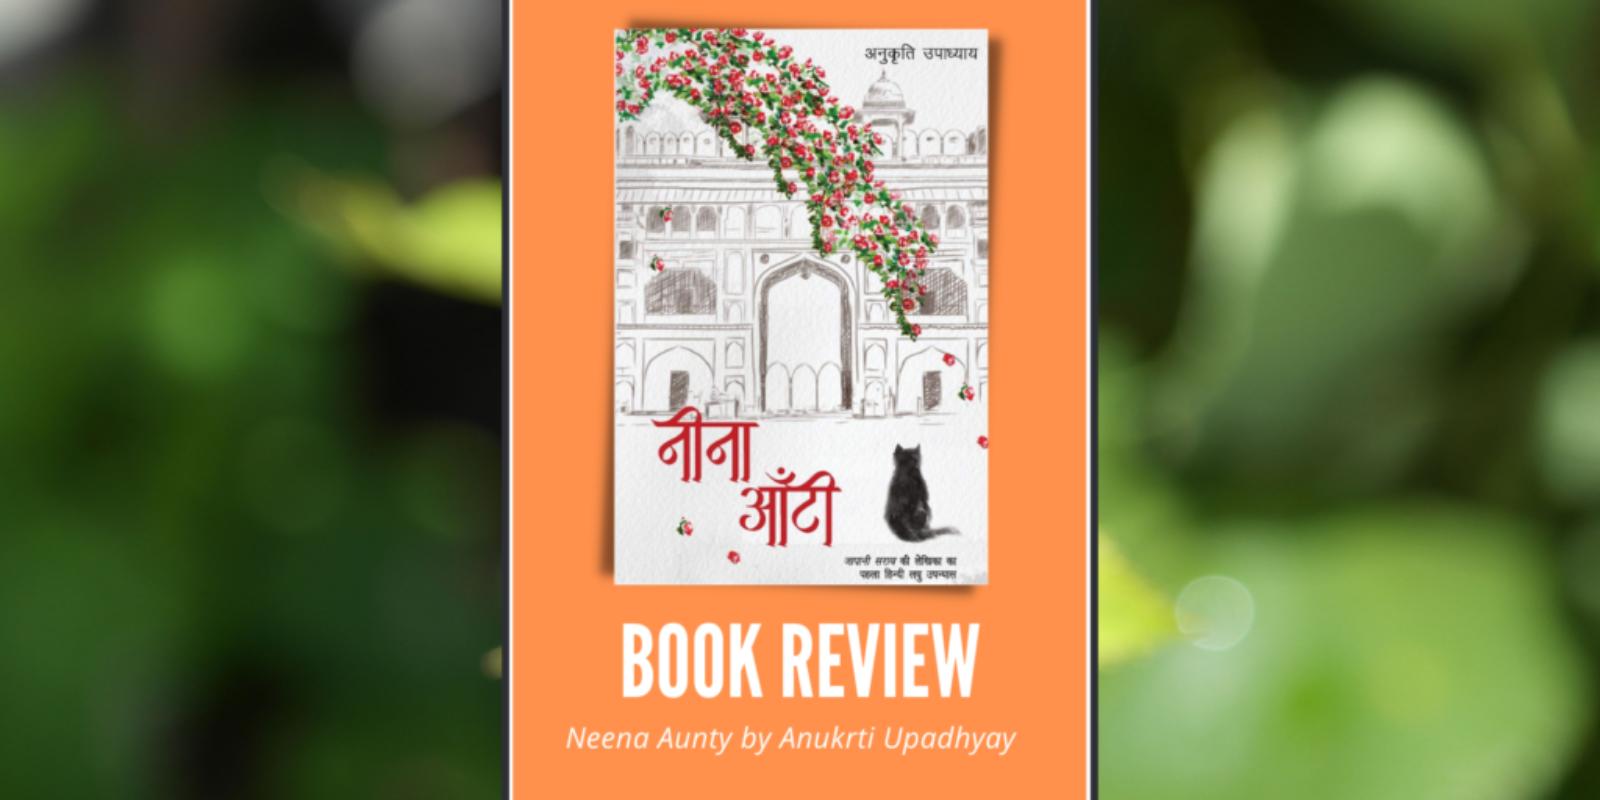 Neena Aunty by Anukrti Upadhyay